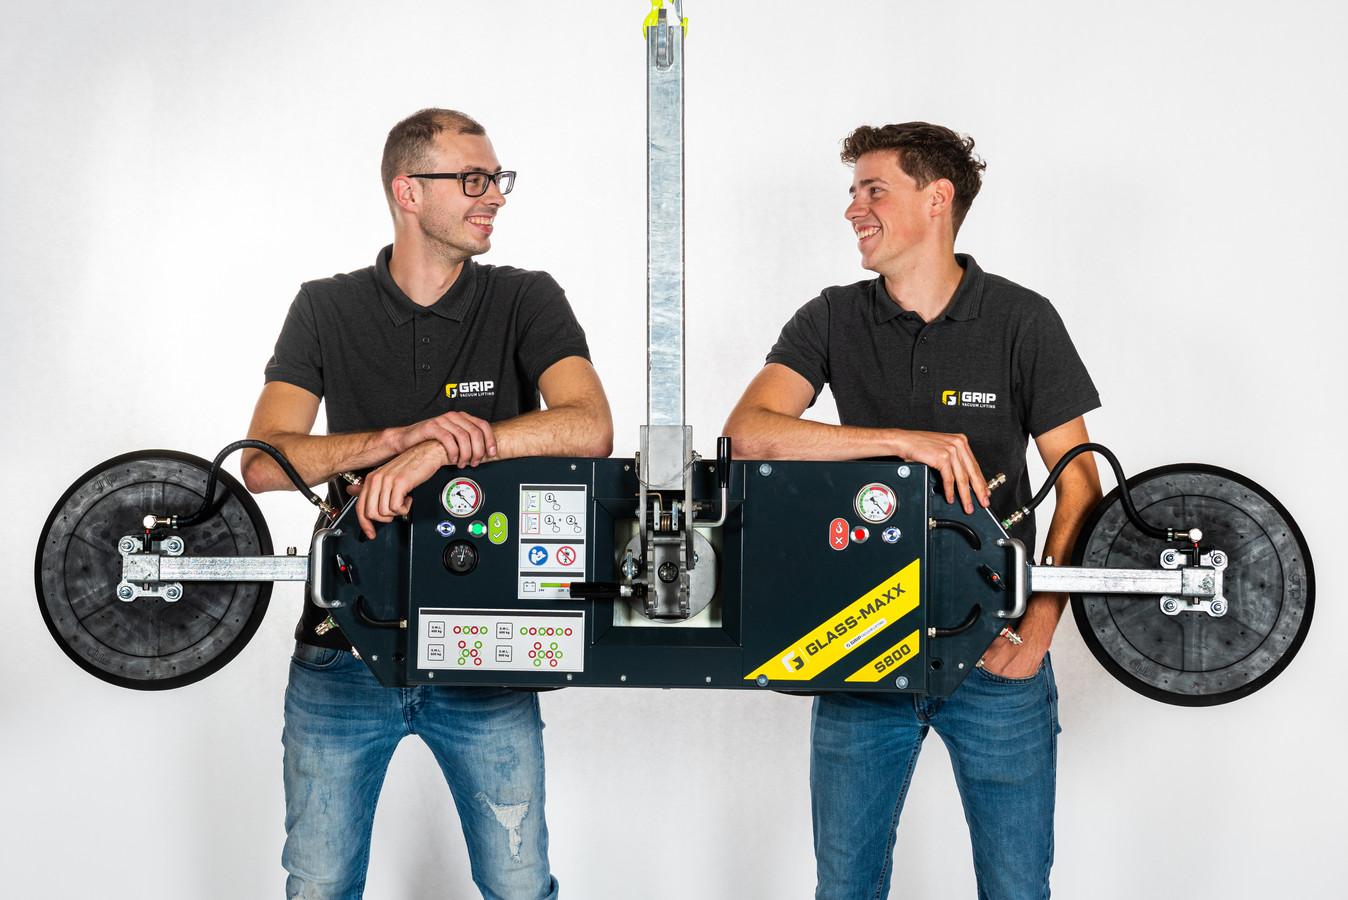 De broers Martijn (links) en Rik van Wijngaarden ontwikkelen met hun bedrijf Grip Lifting Equipment geavanceerde hefinstallaties voor glazen ruiten.